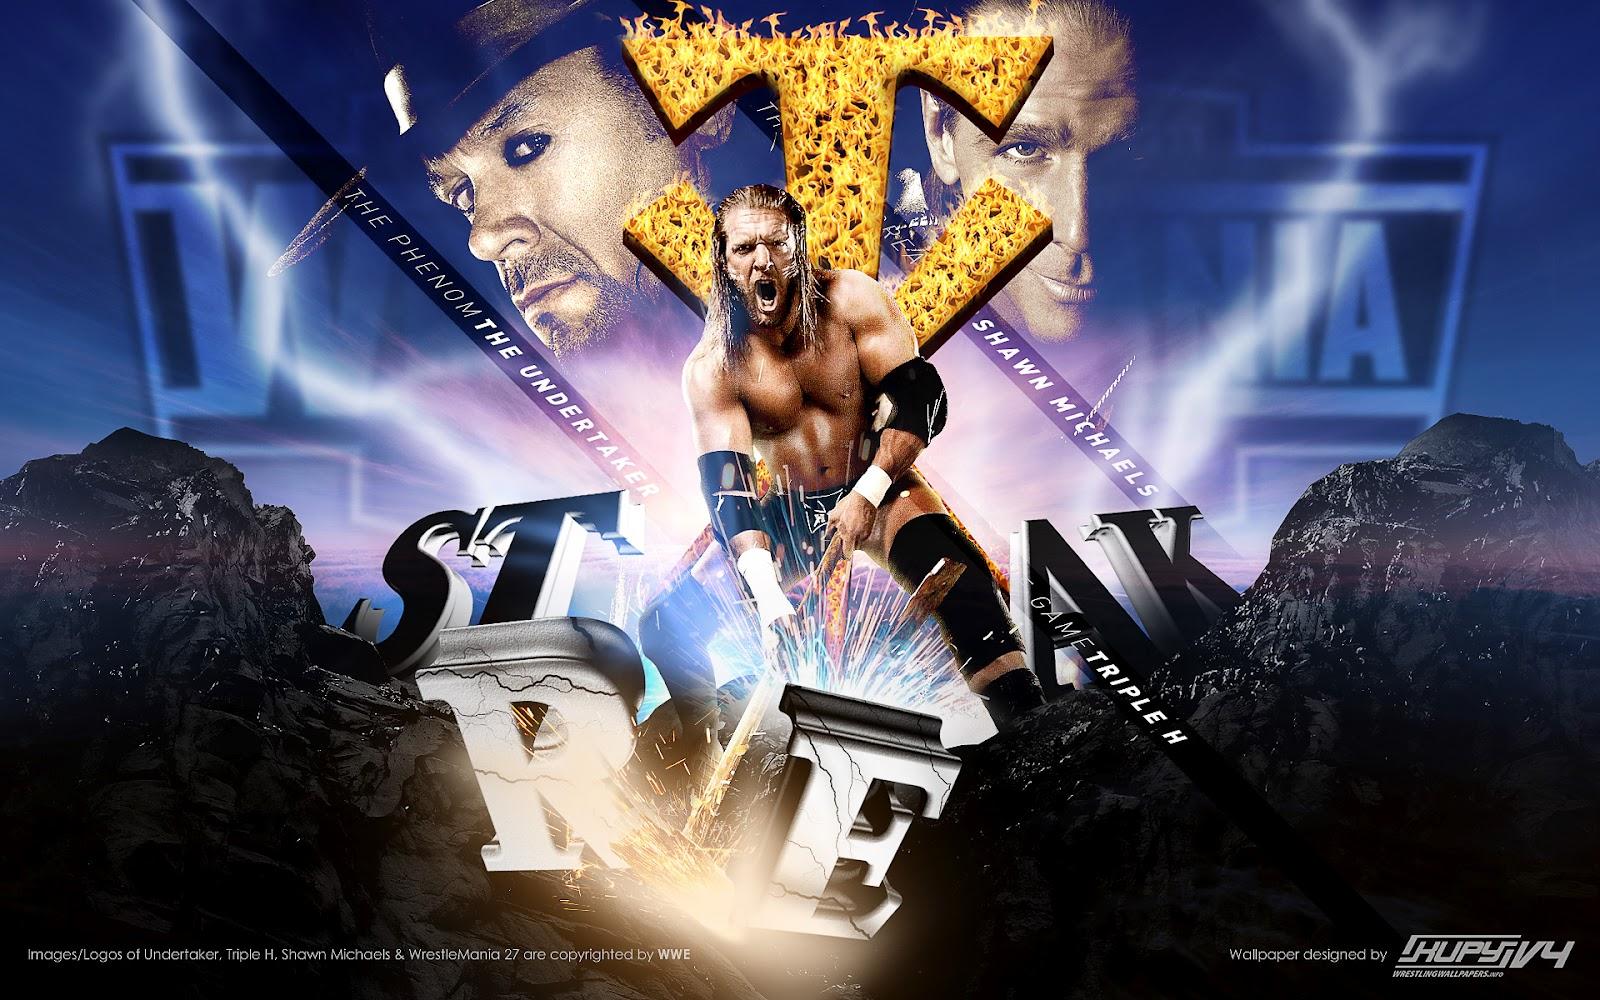 http://1.bp.blogspot.com/-bn7xOdP0I0o/T2j1lZZjbGI/AAAAAAAAQRs/4pbkaY4IbPw/s1600/triple-h-undertaker-wrestlemania27-wallpaper-1920x1200.jpg